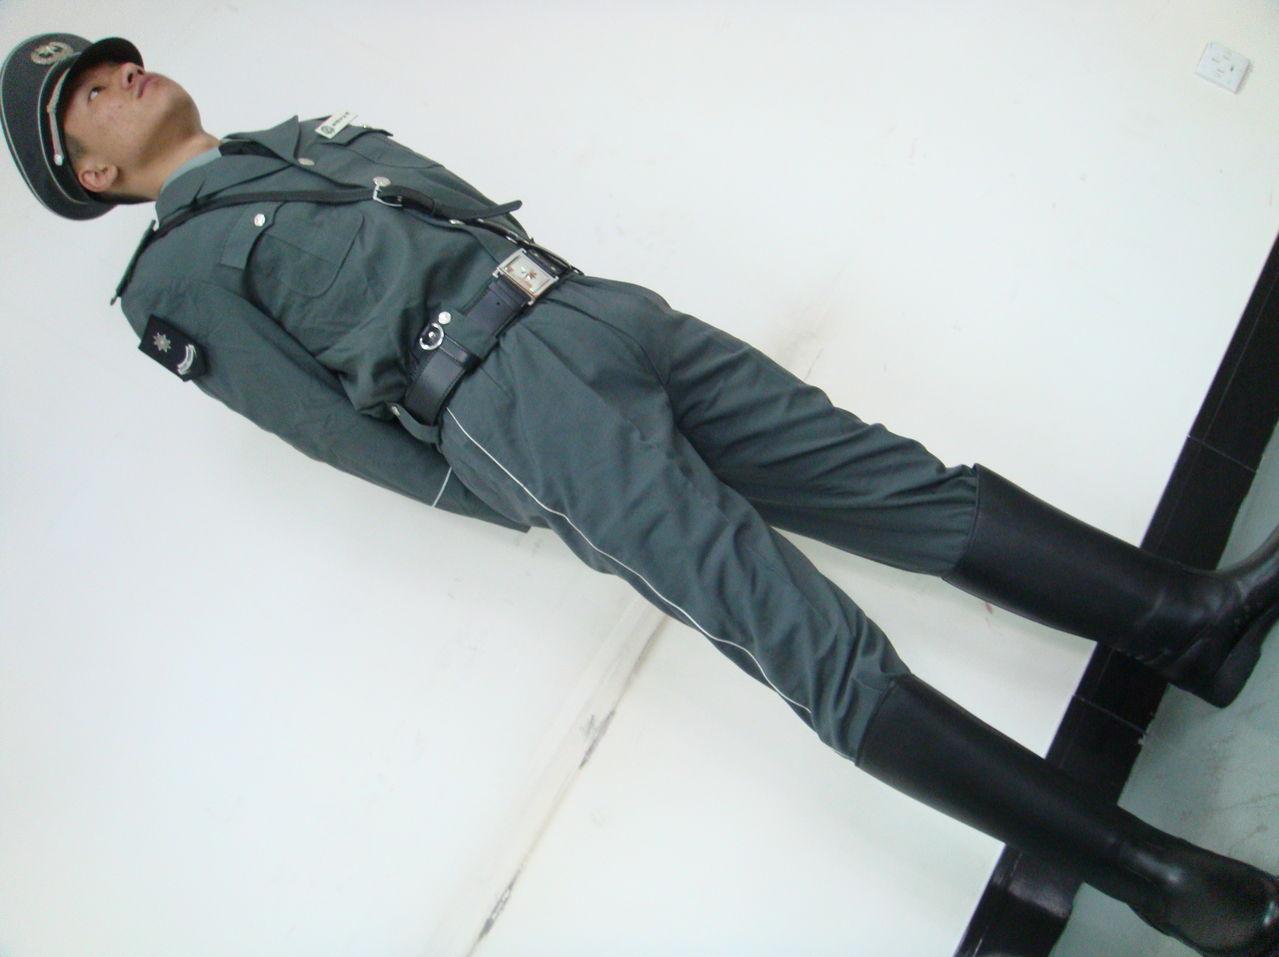 男人裤裆凸起图片博客_装帅哥裤裆凸起_裤子裤裆怎么改图解_裤裆泡_补裤裆_系统之家网